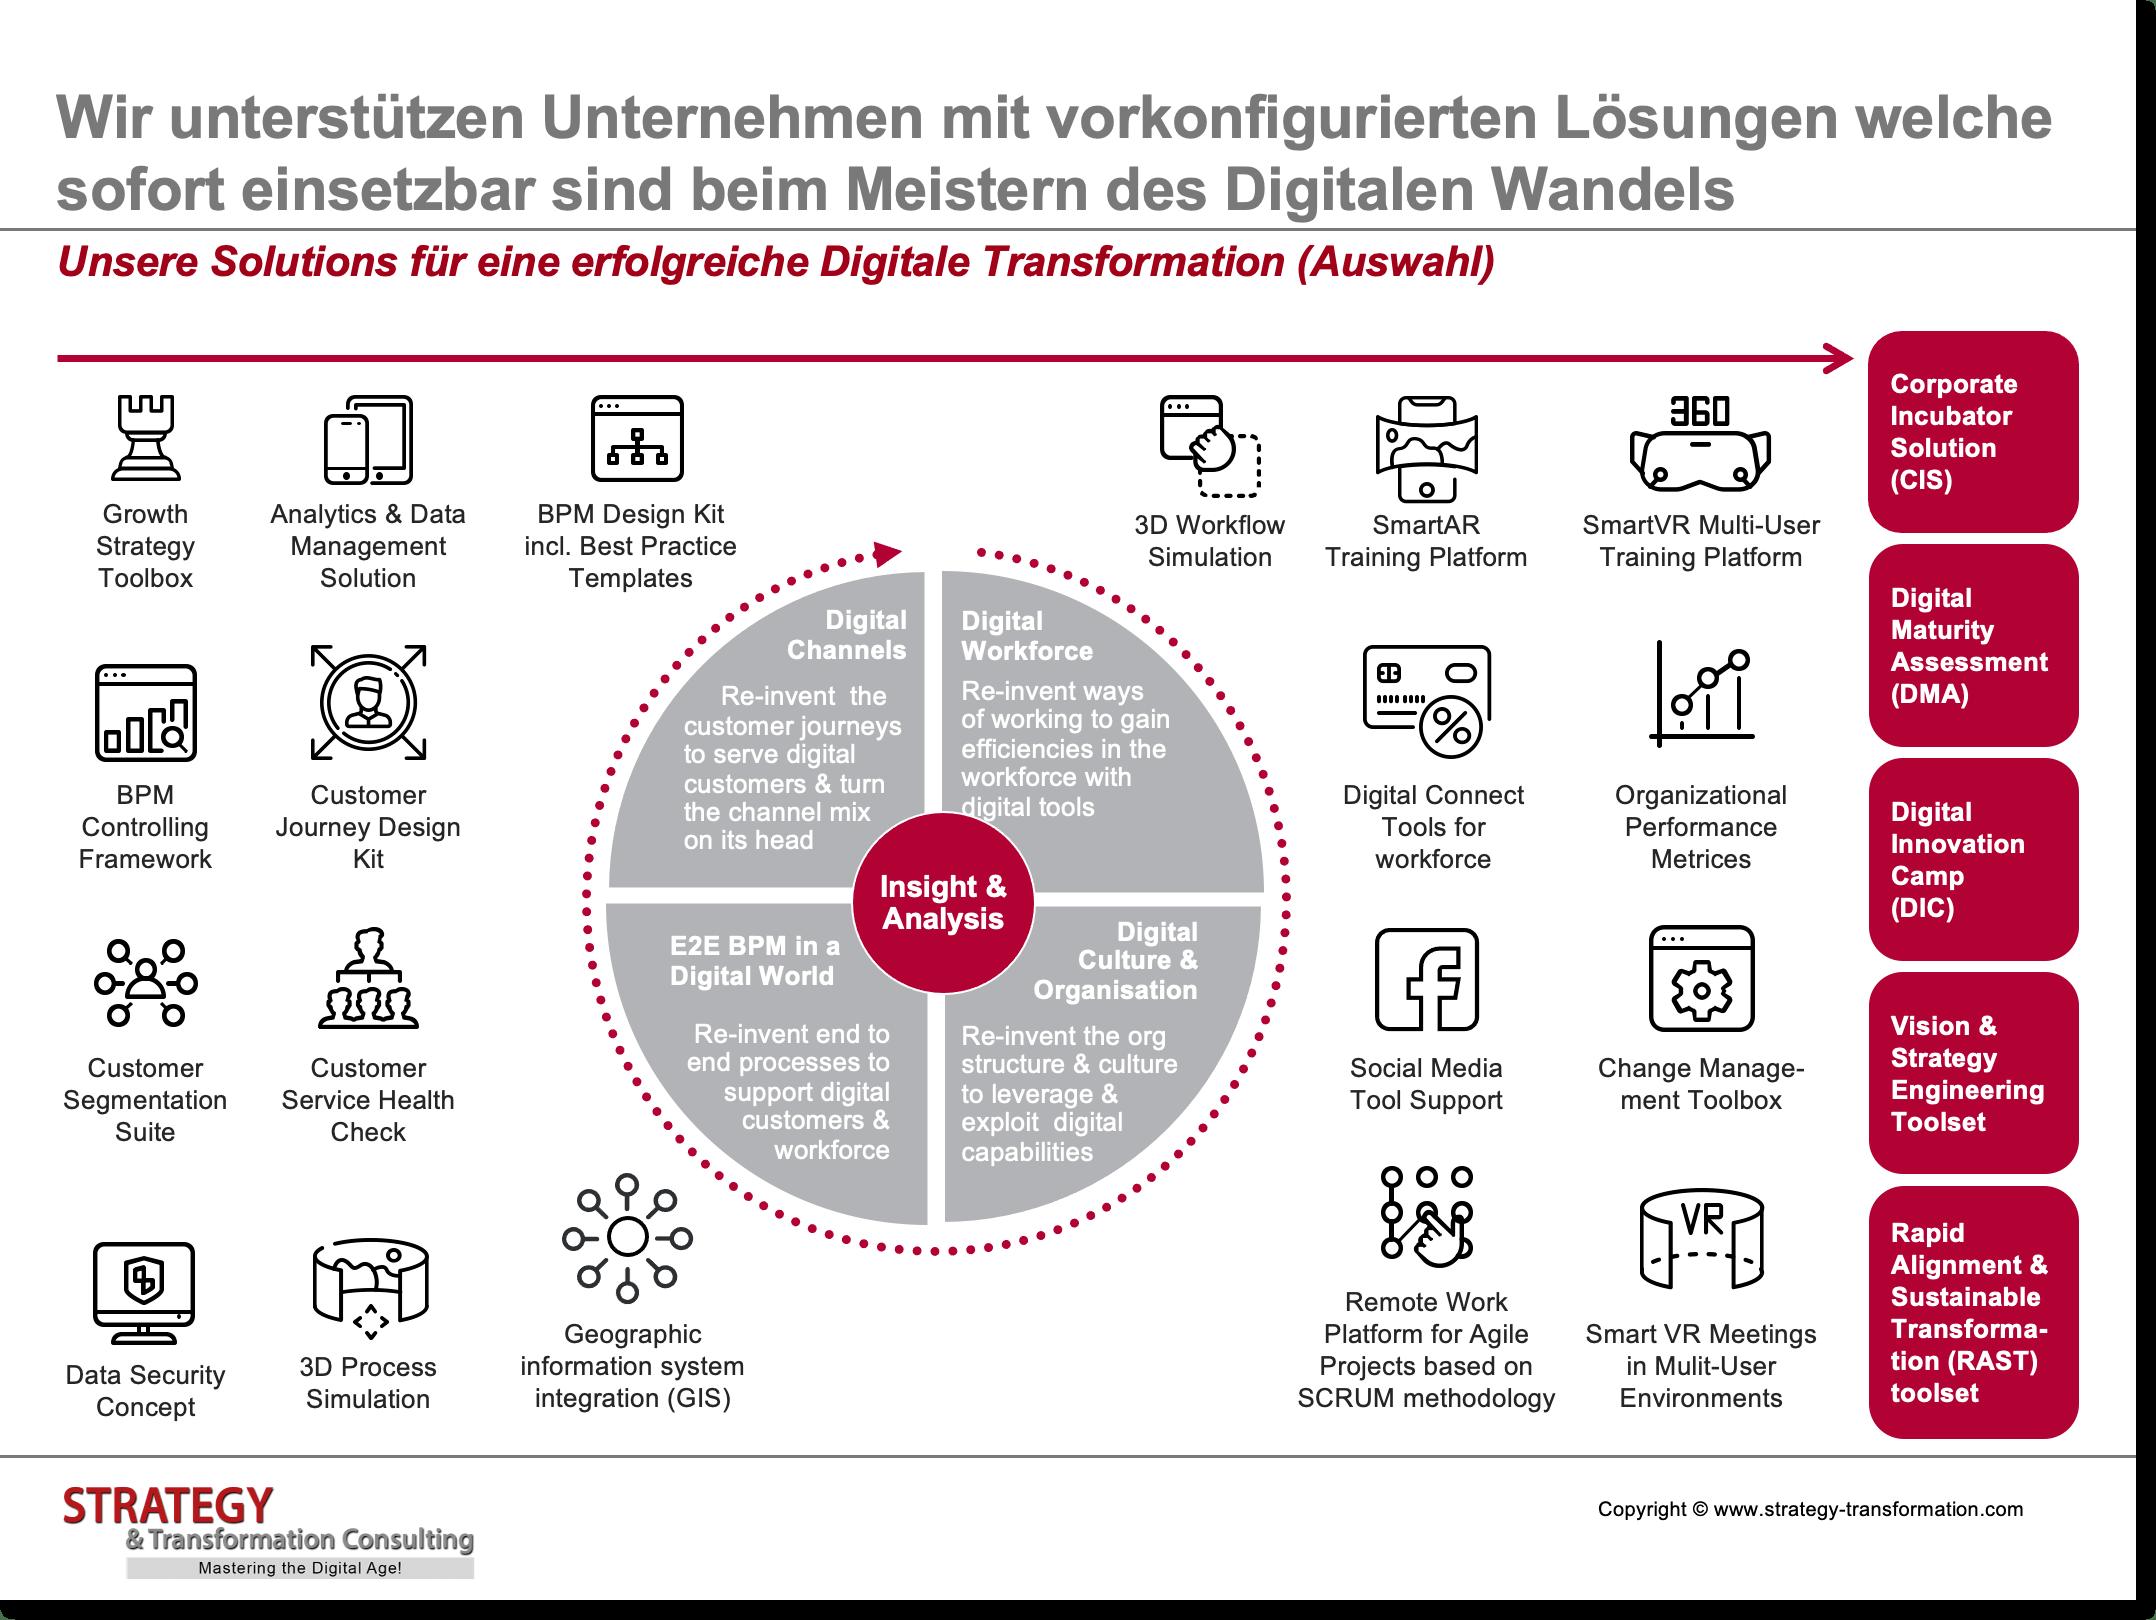 Unsere Solutions für eine erfolgreiche Digitale Transformation